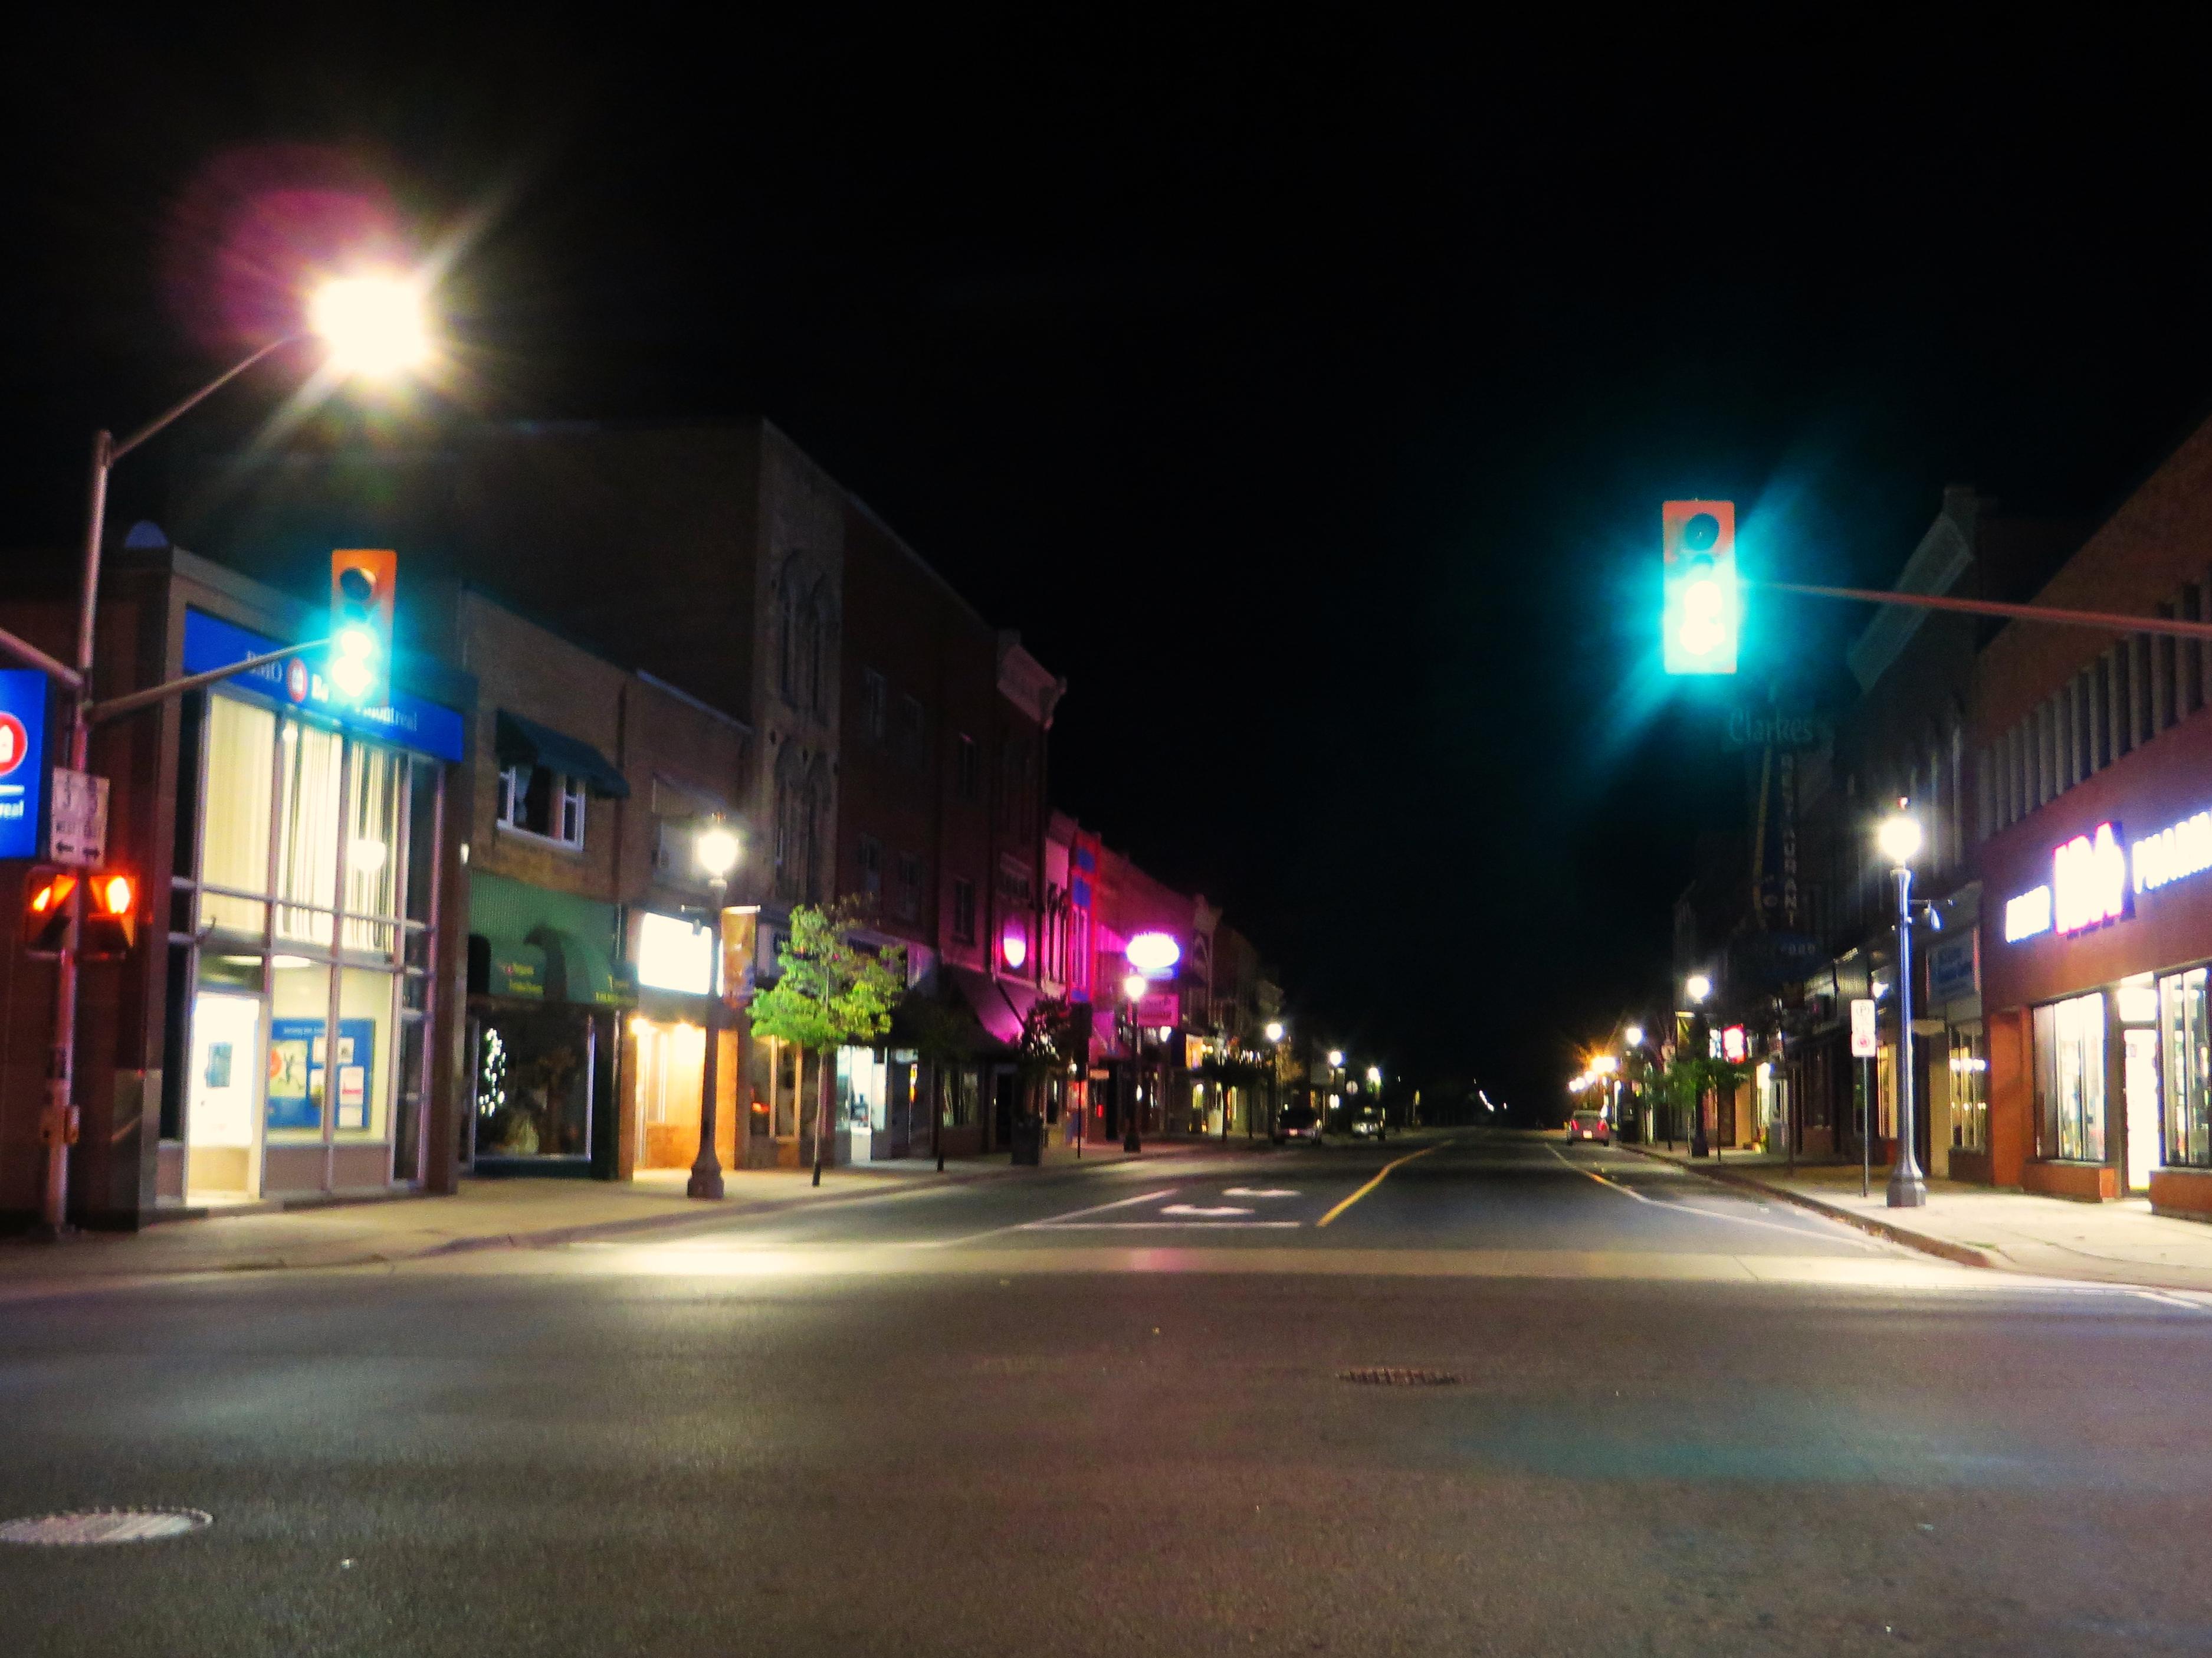 Downtown Glencoe